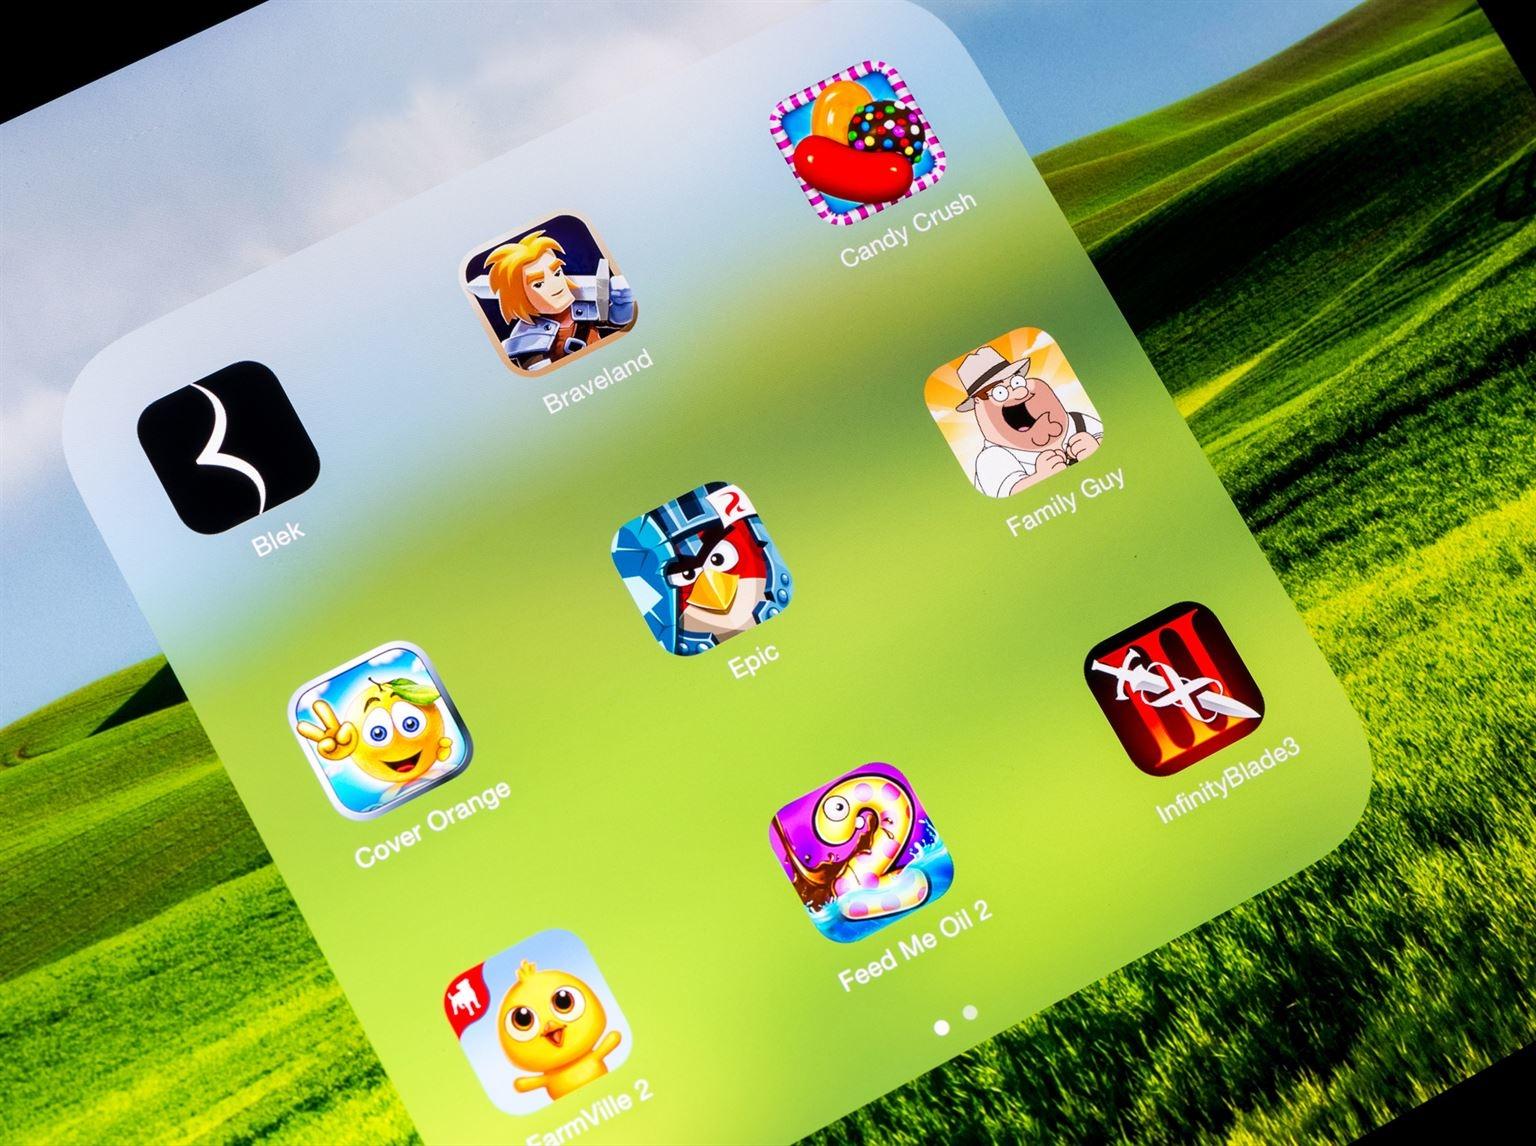 Jeux Sur Tablette: 64 Choix Pour Enfants | Protégez-Vous.ca pour Jeux Educatif 9 Ans